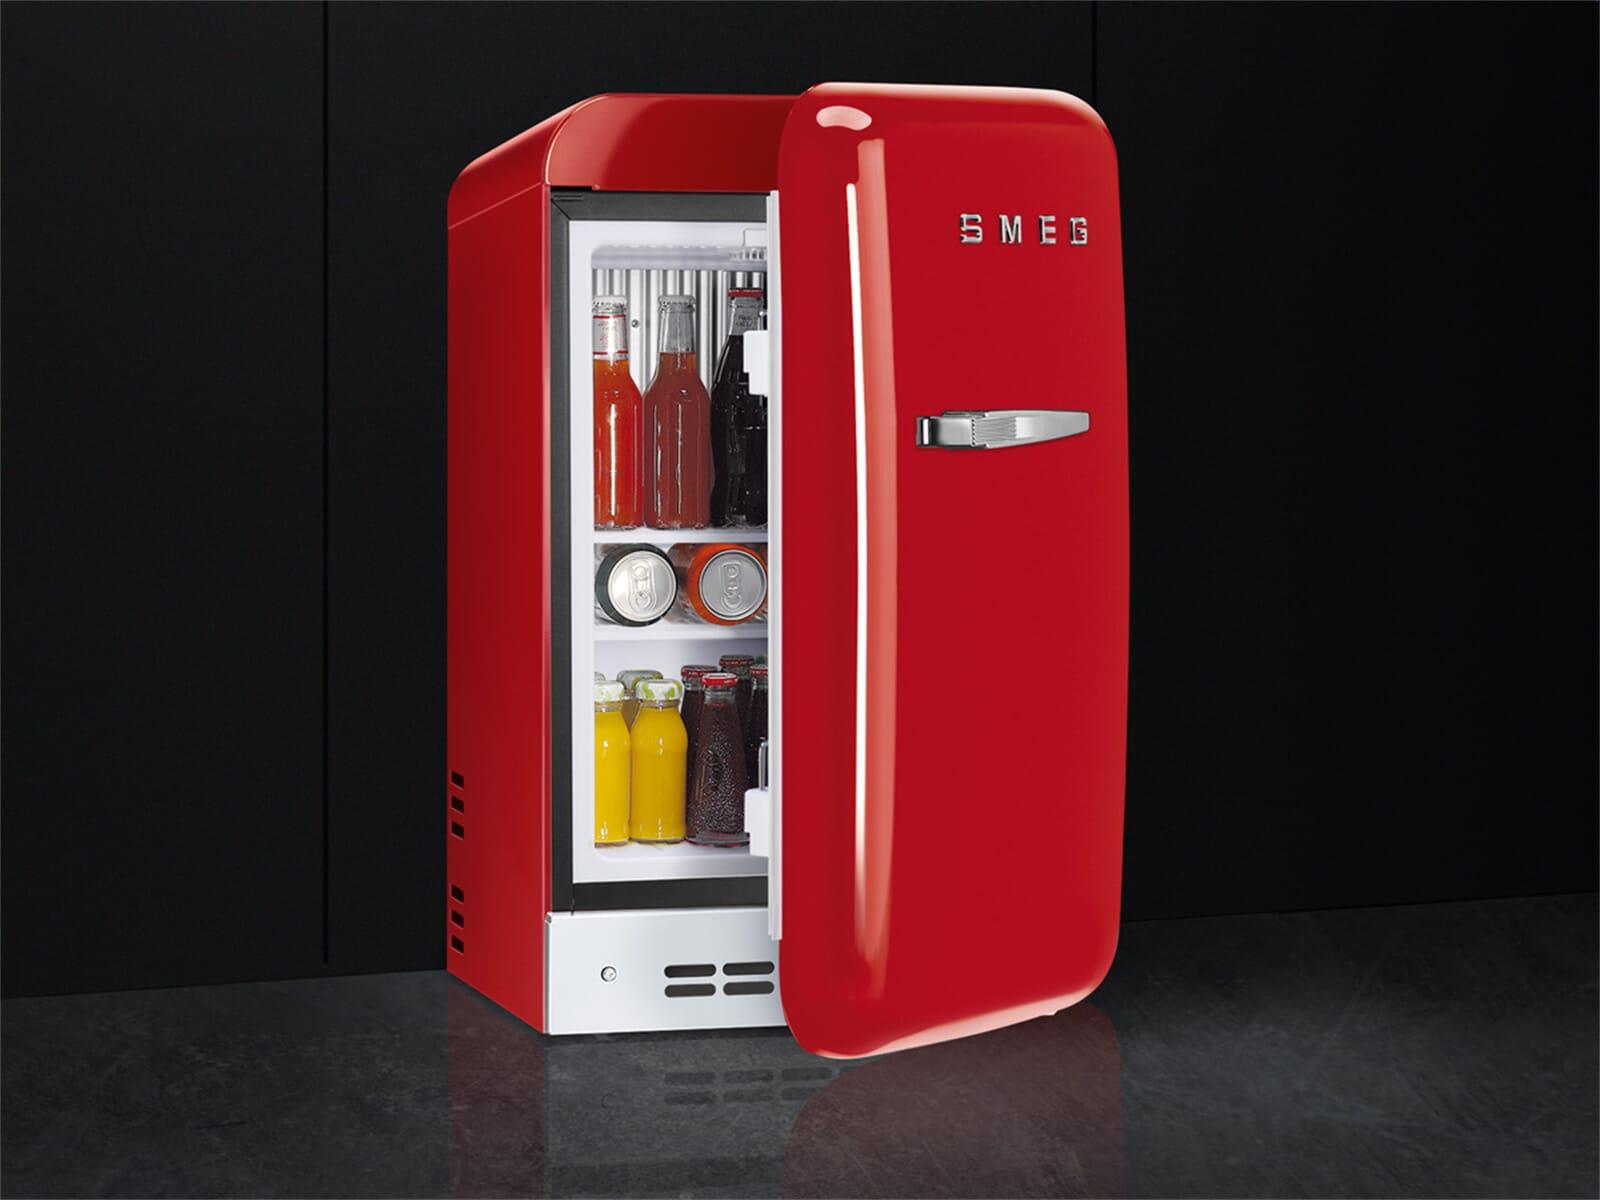 Smeg Kühlschrank Rot : Smeg fab rrd standkühlschrank rot